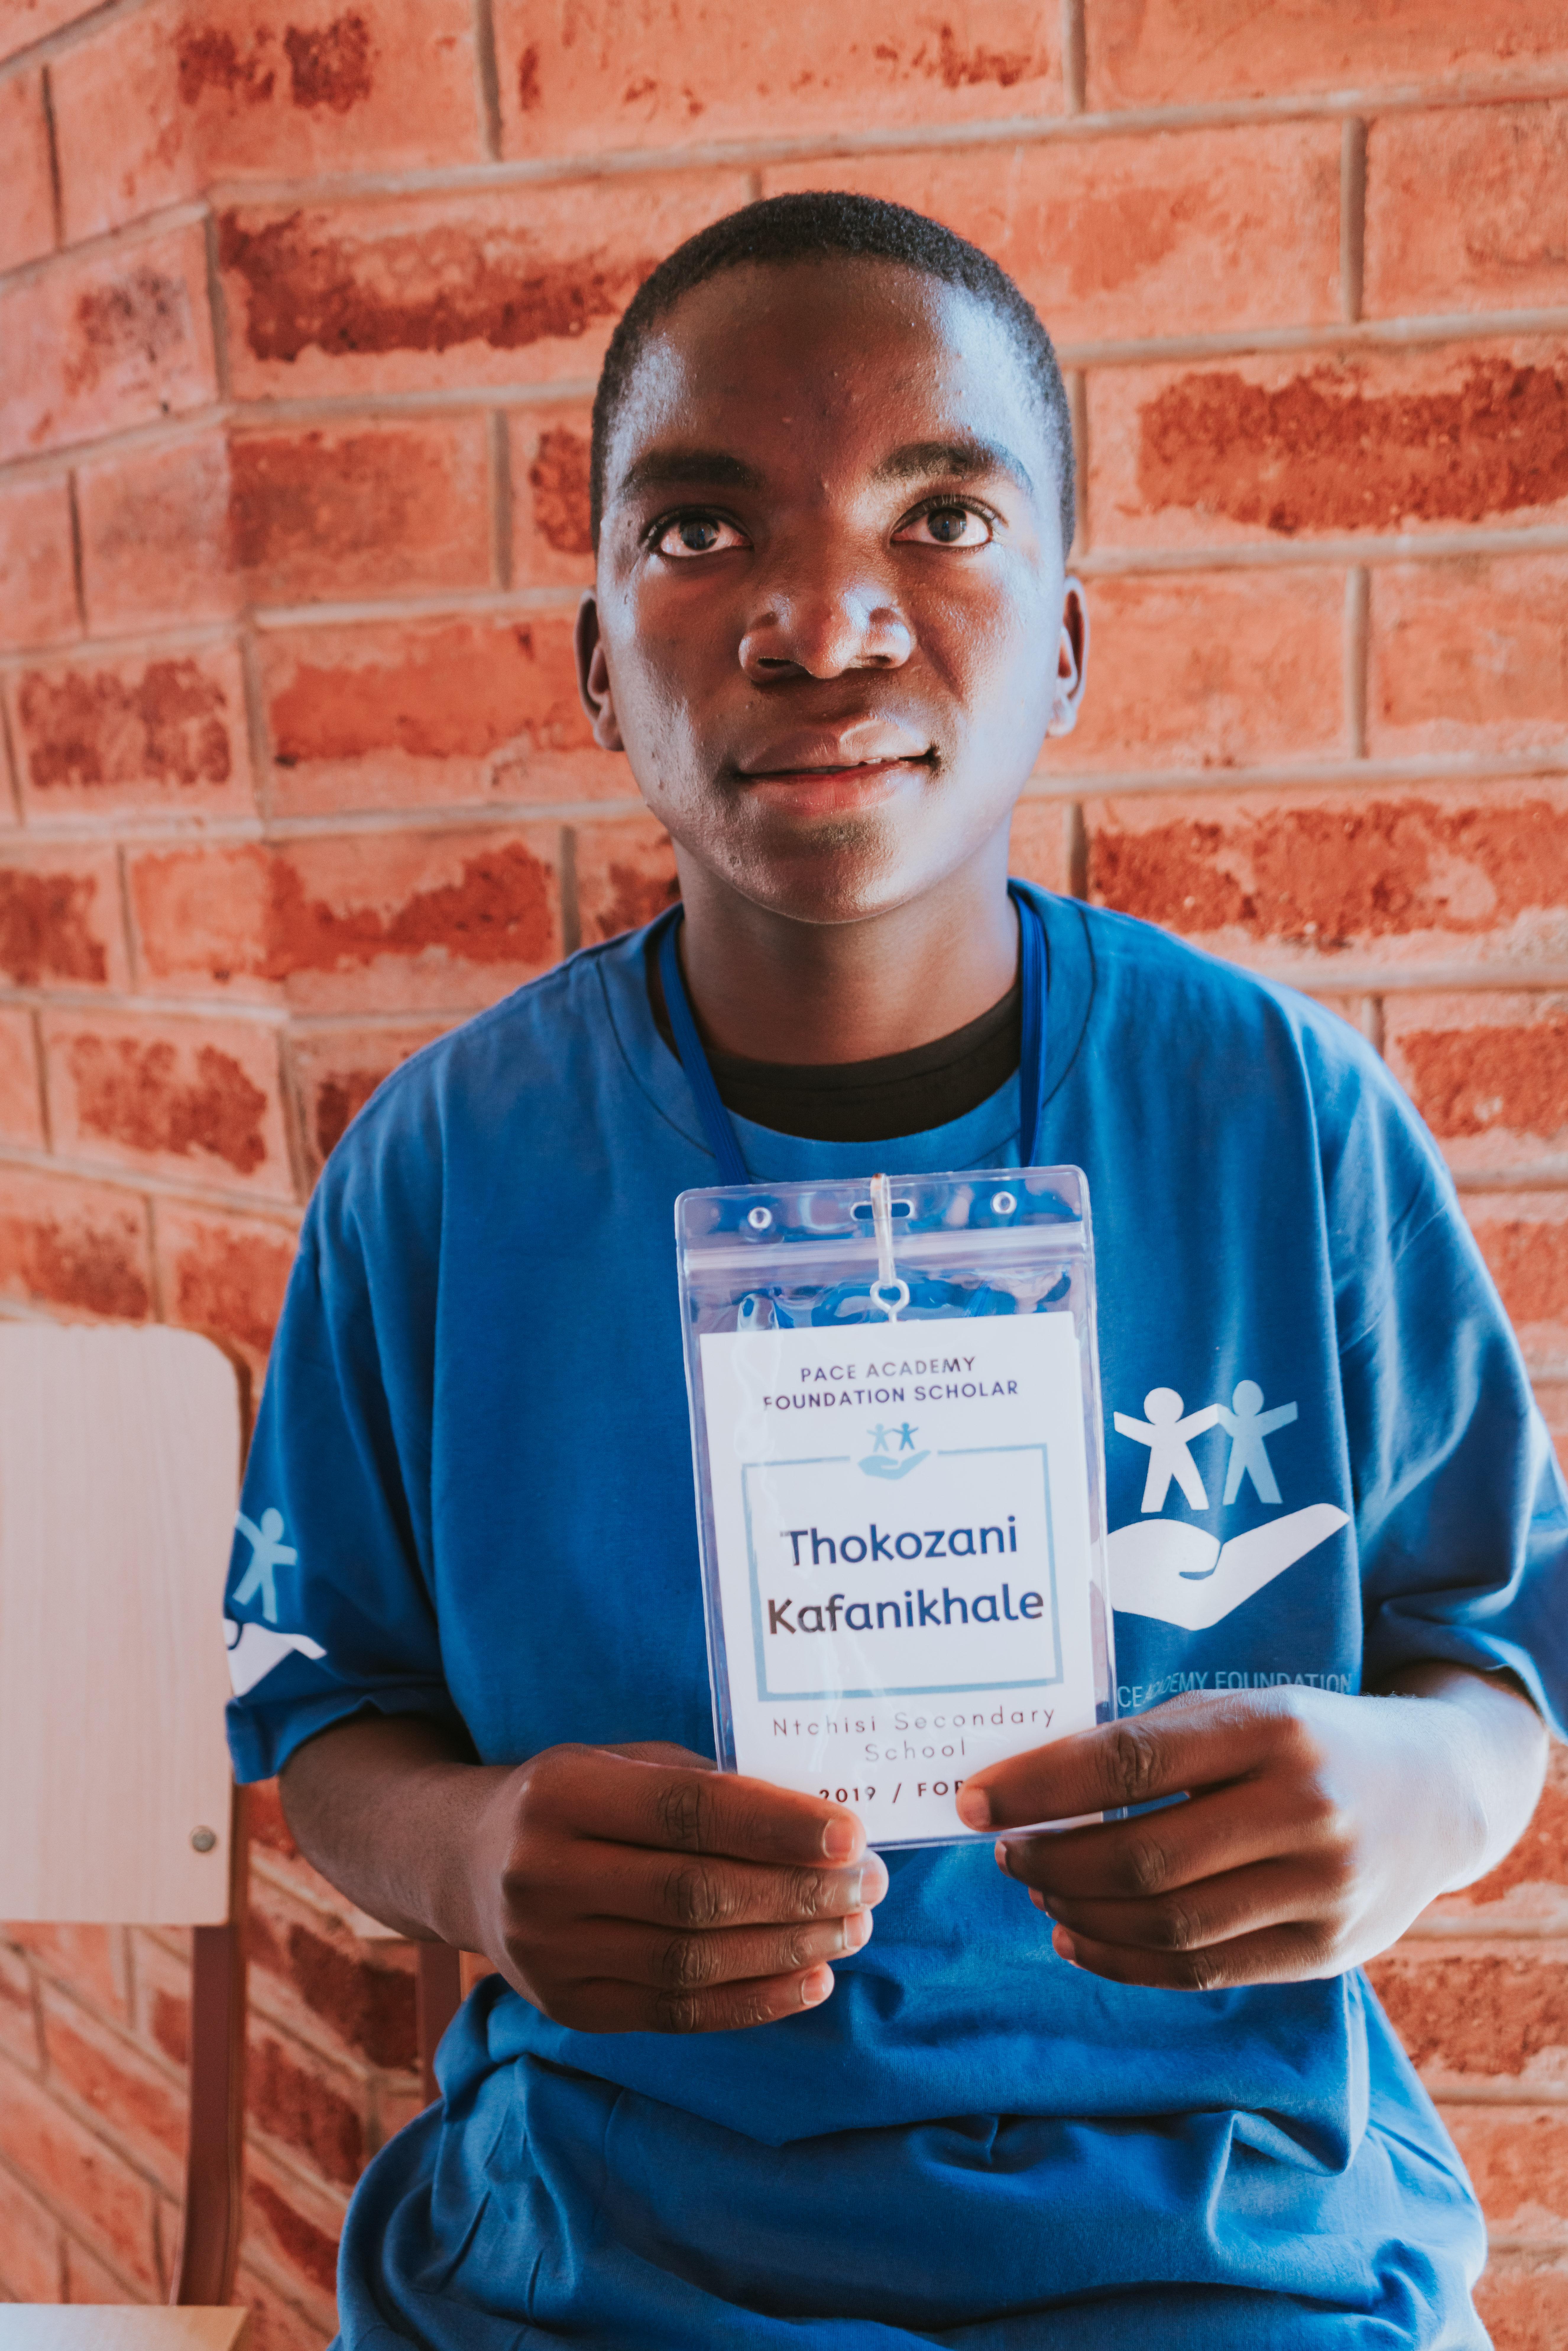 Thokozani Kafanikhale (Ntchisi Secondary